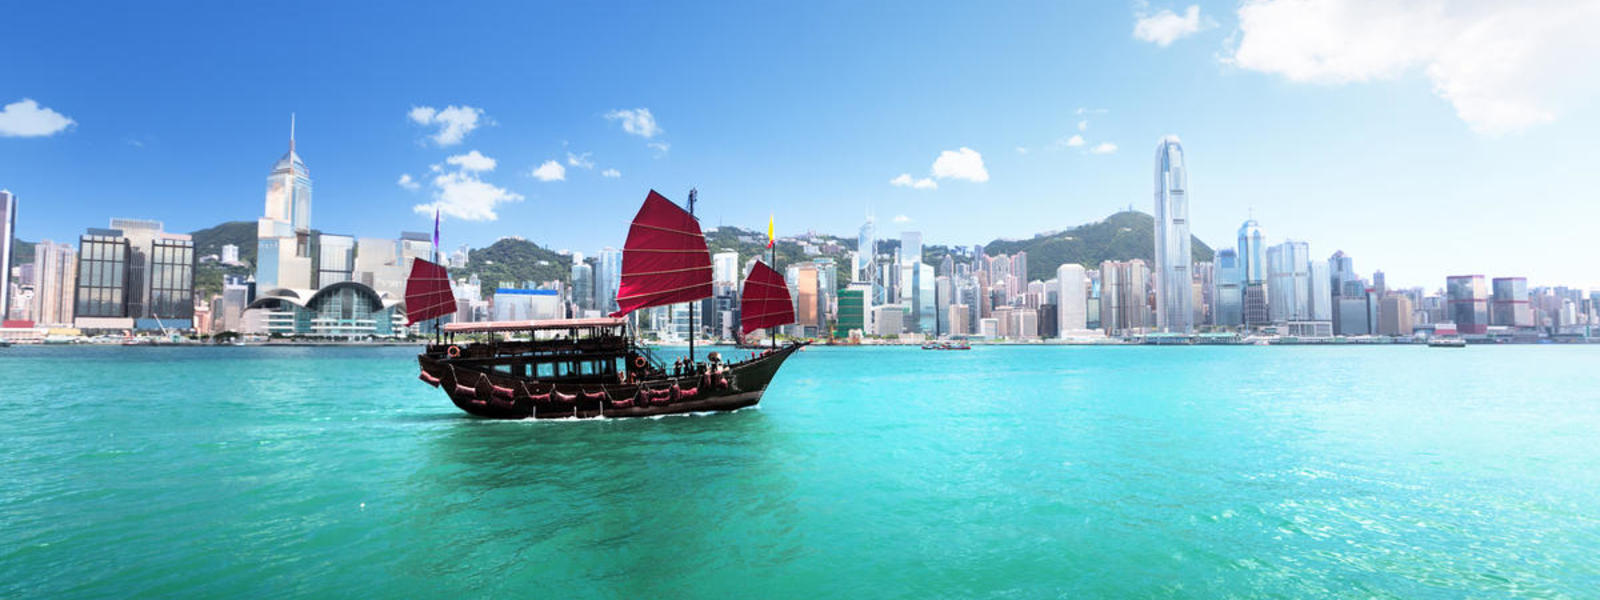 Hong Kong Cathay Pacific